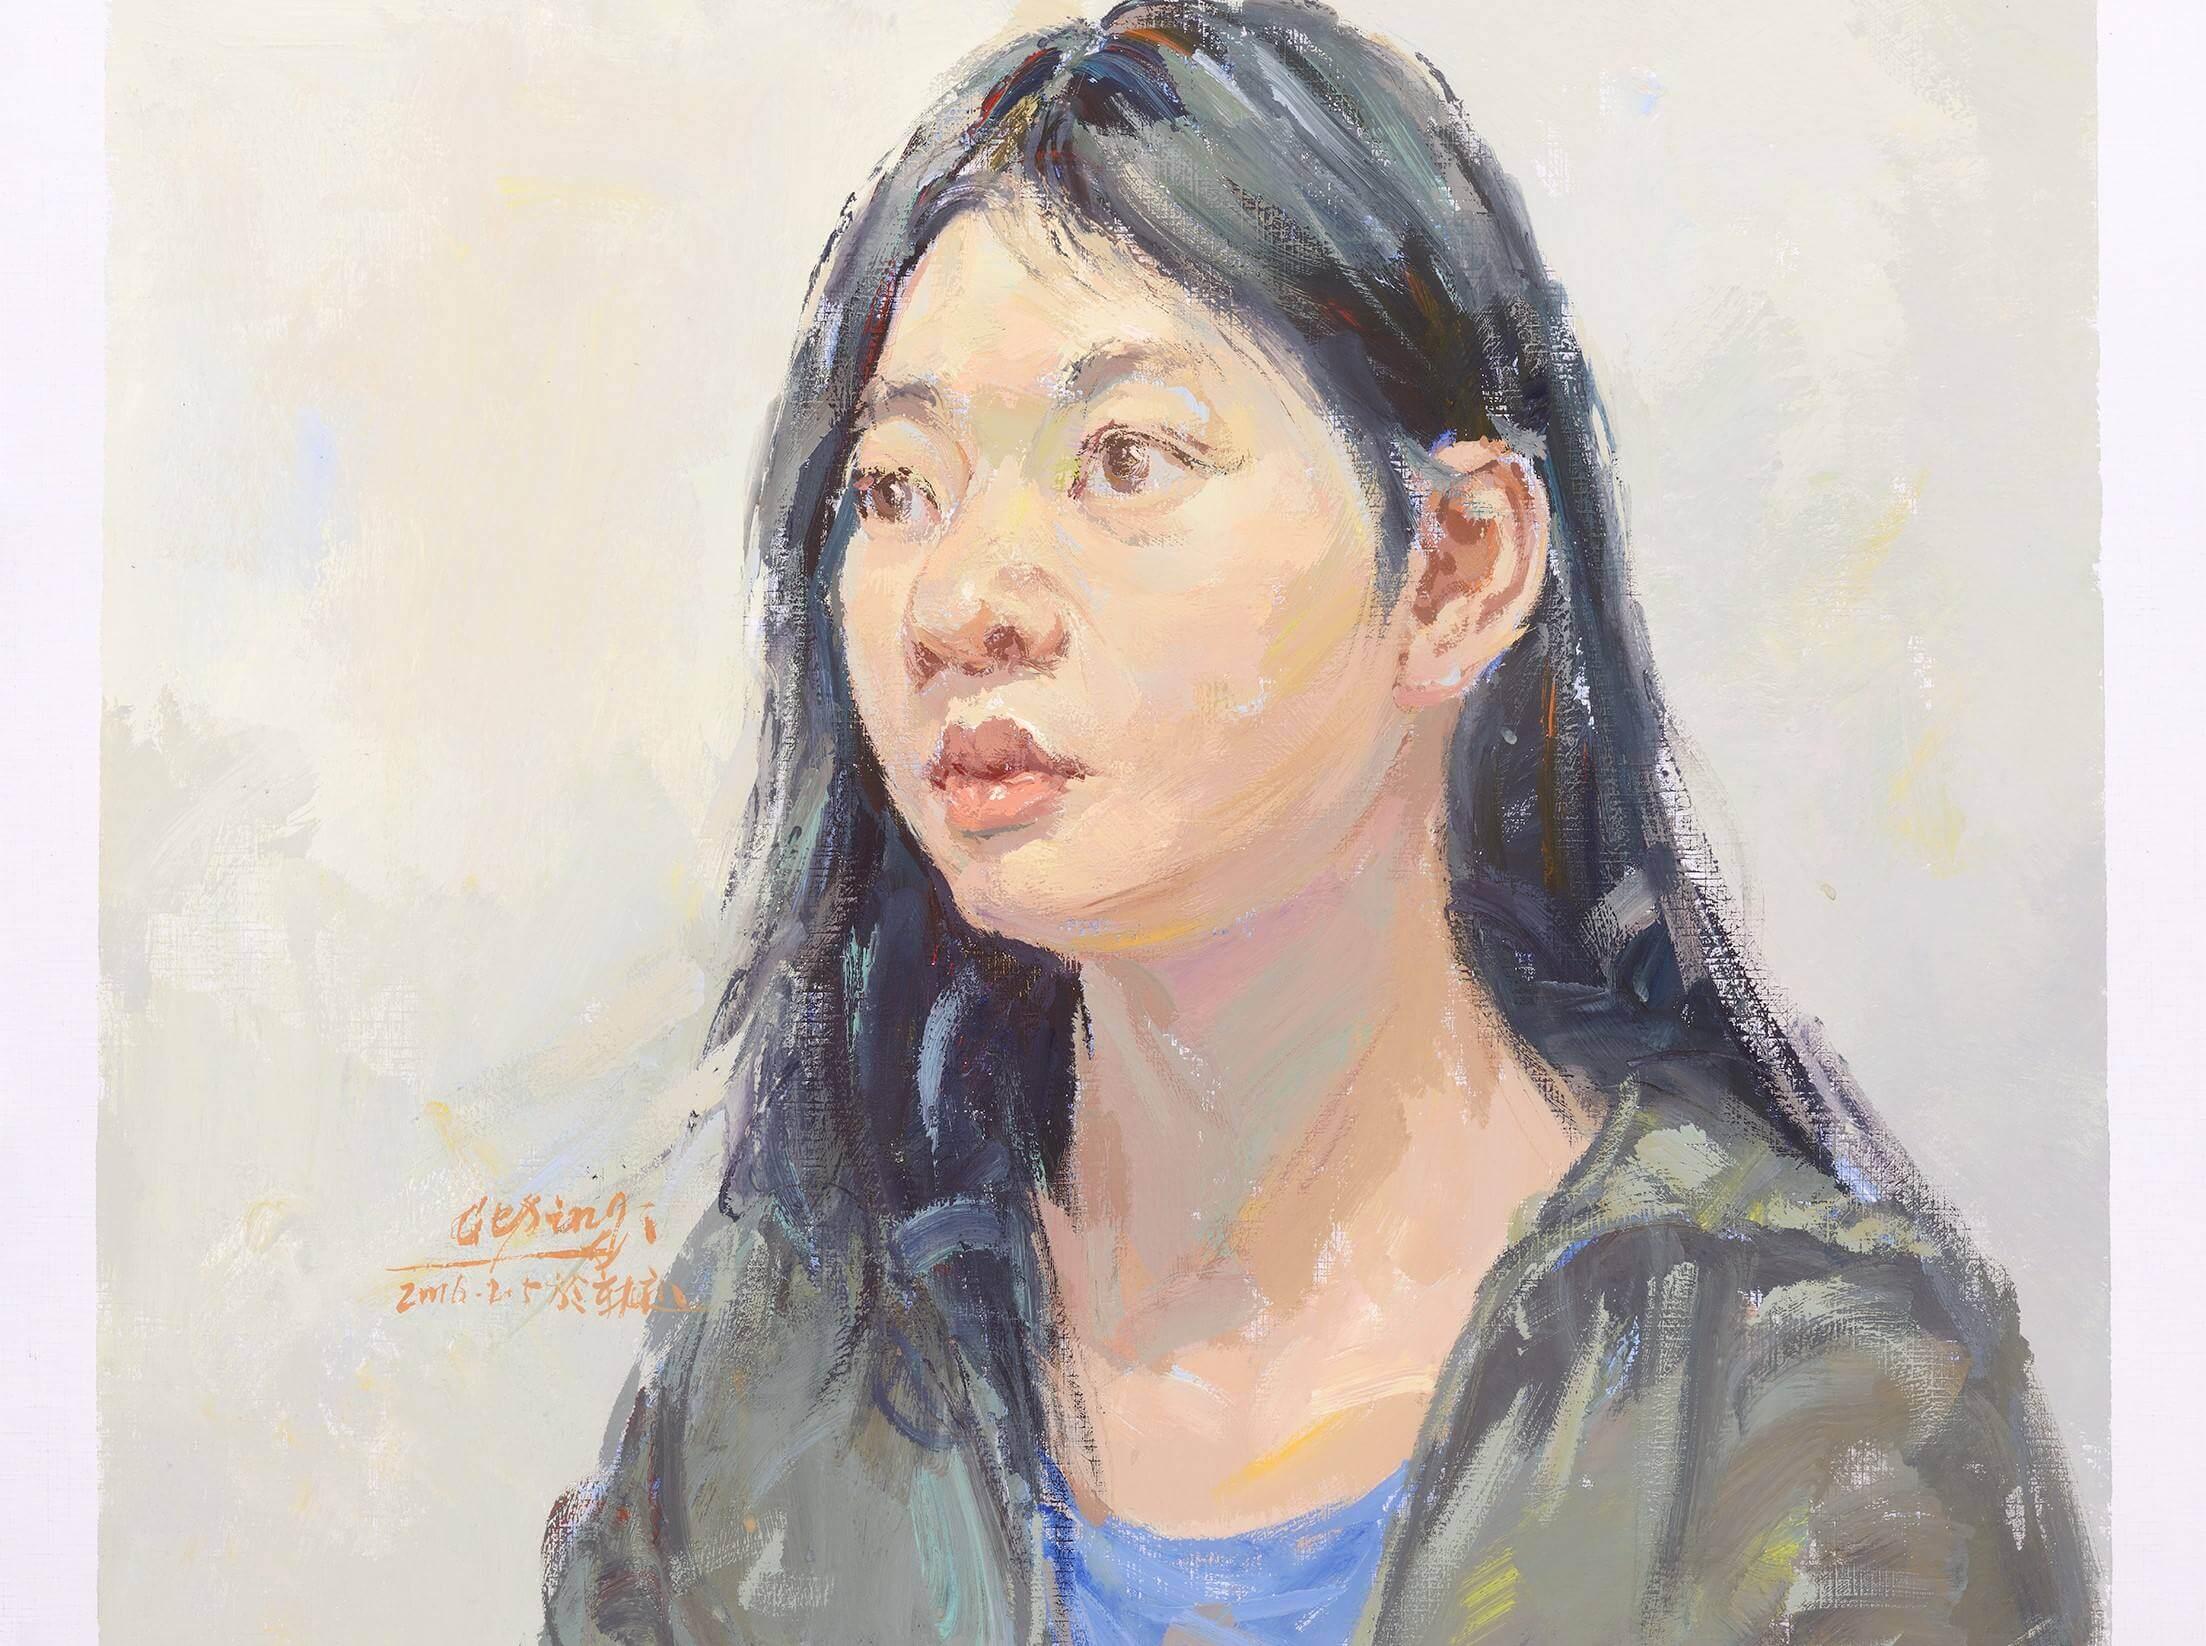 重庆美术集训画室美术生,色彩头像最主要的问题你都解决了吗?